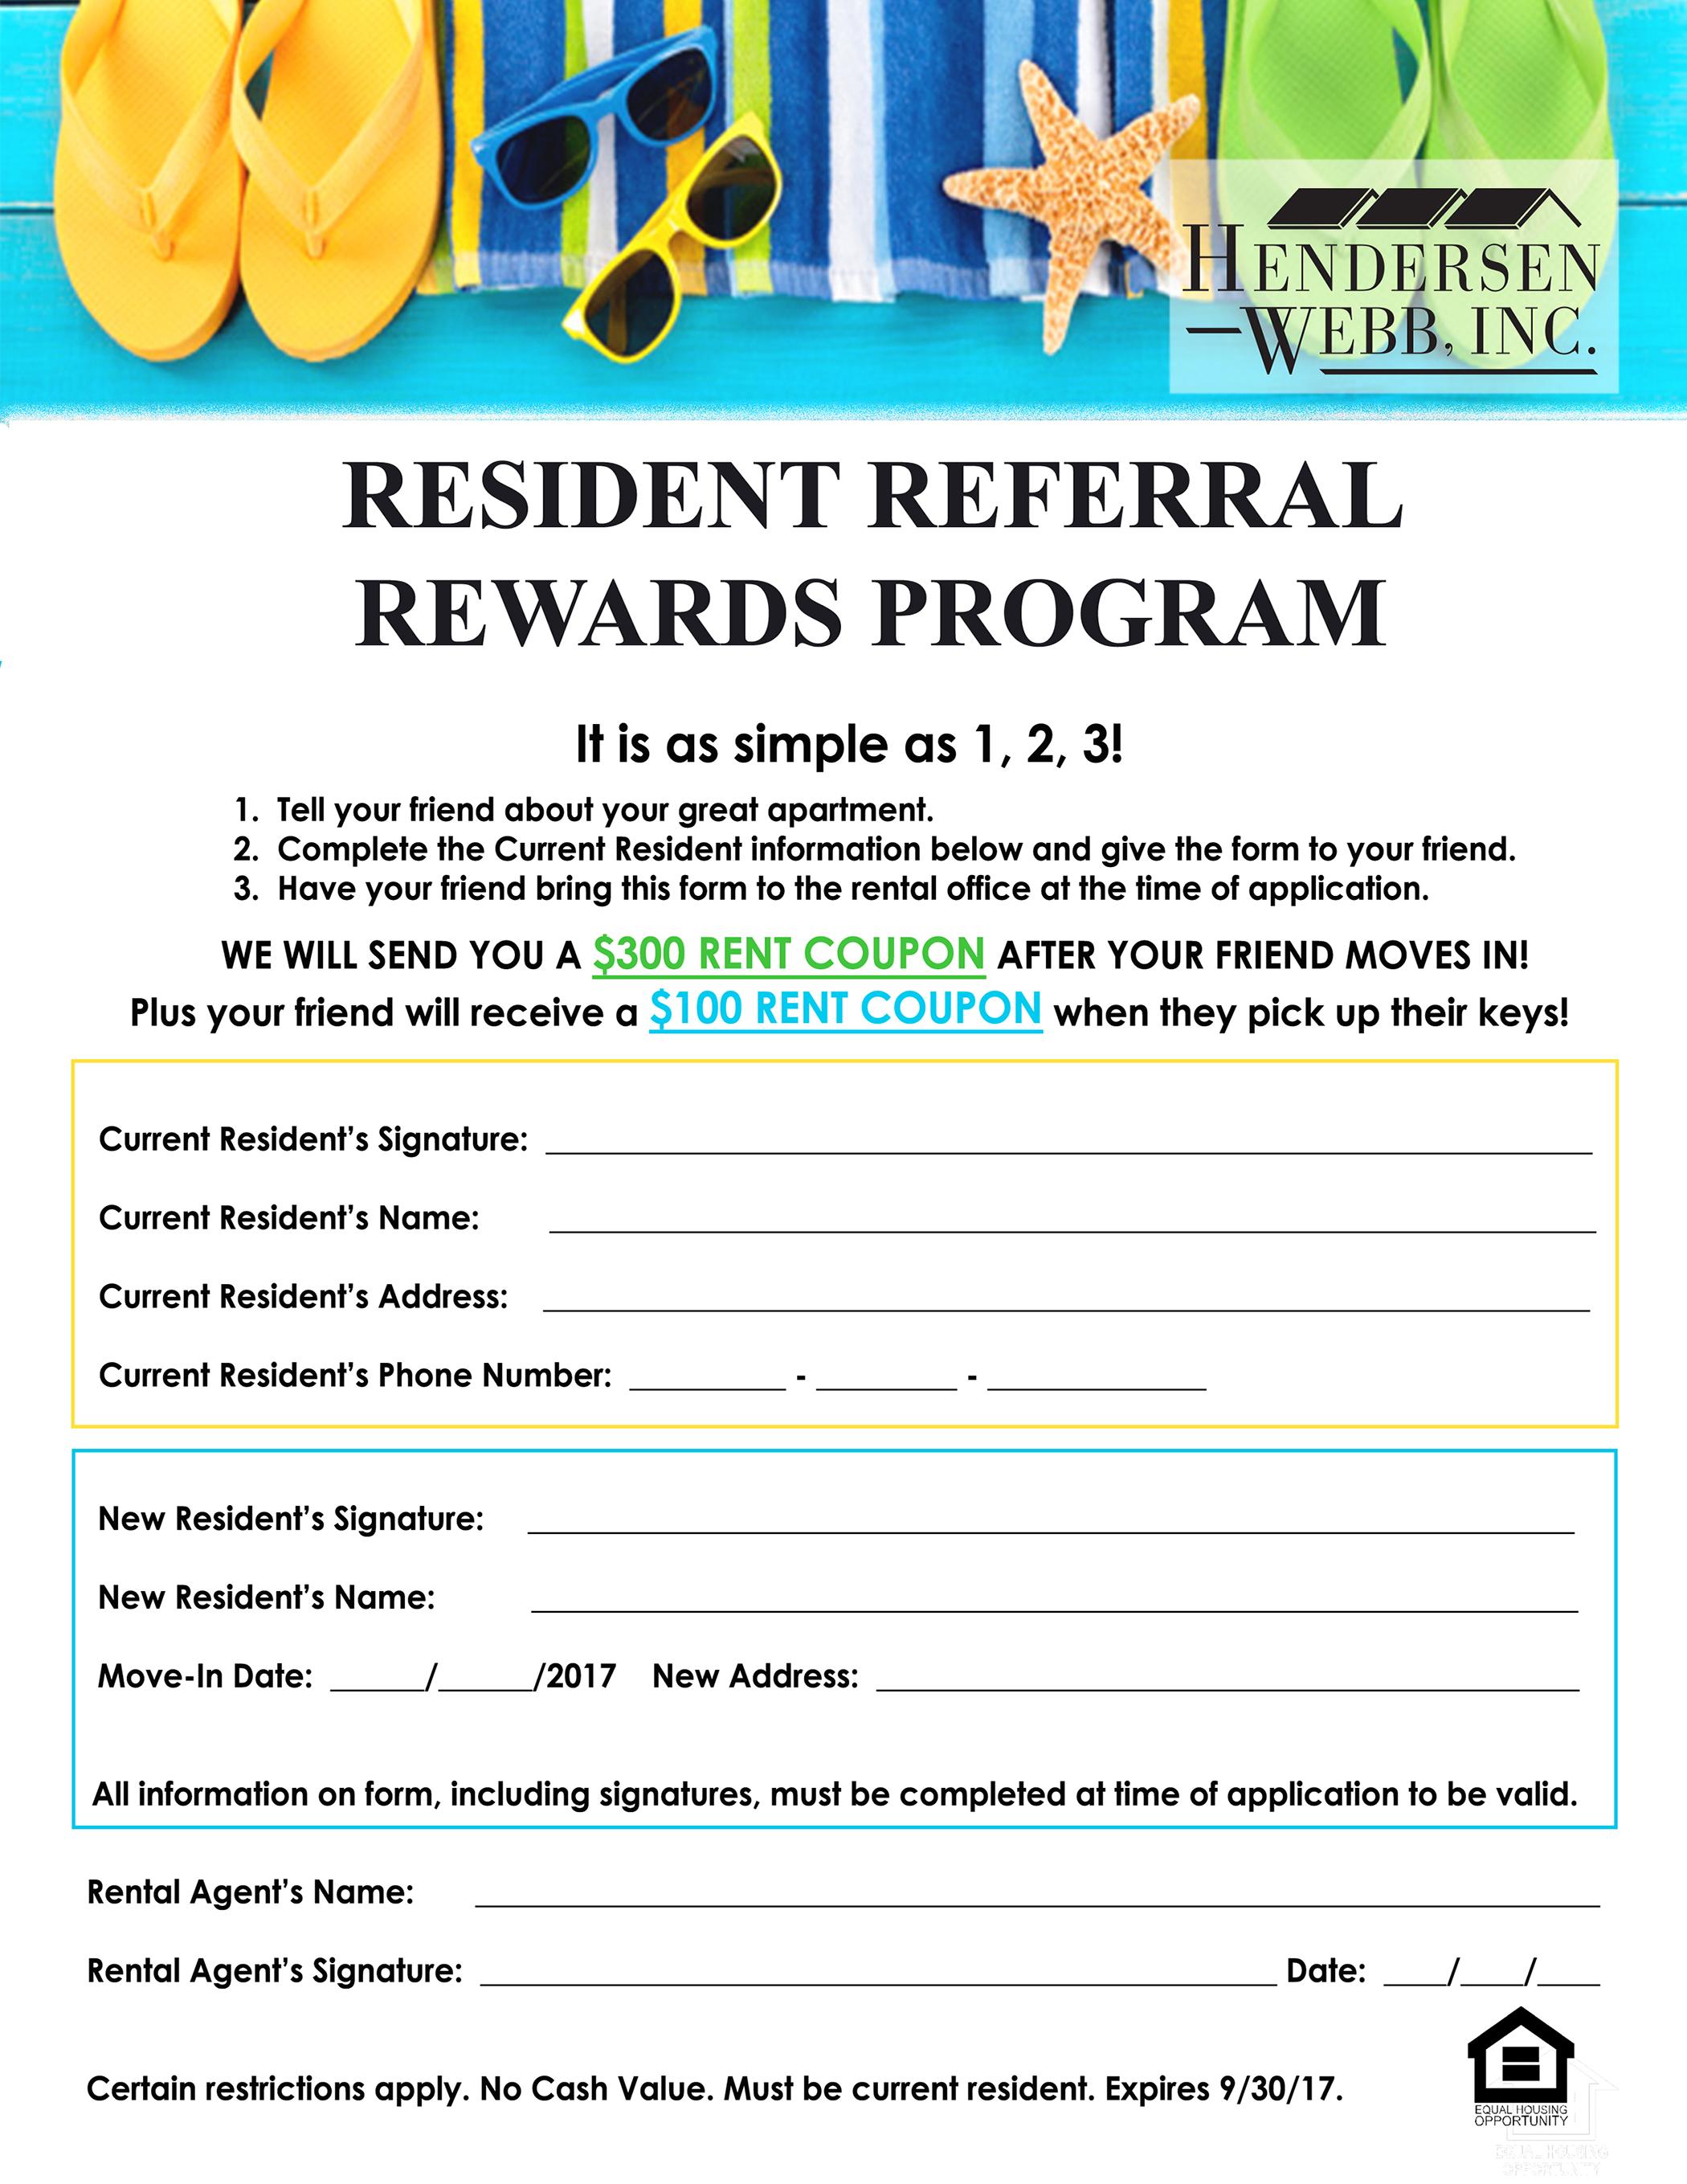 resident referral flyers residential referral hendersen webb inc jpg 2100x2718 referral flyers